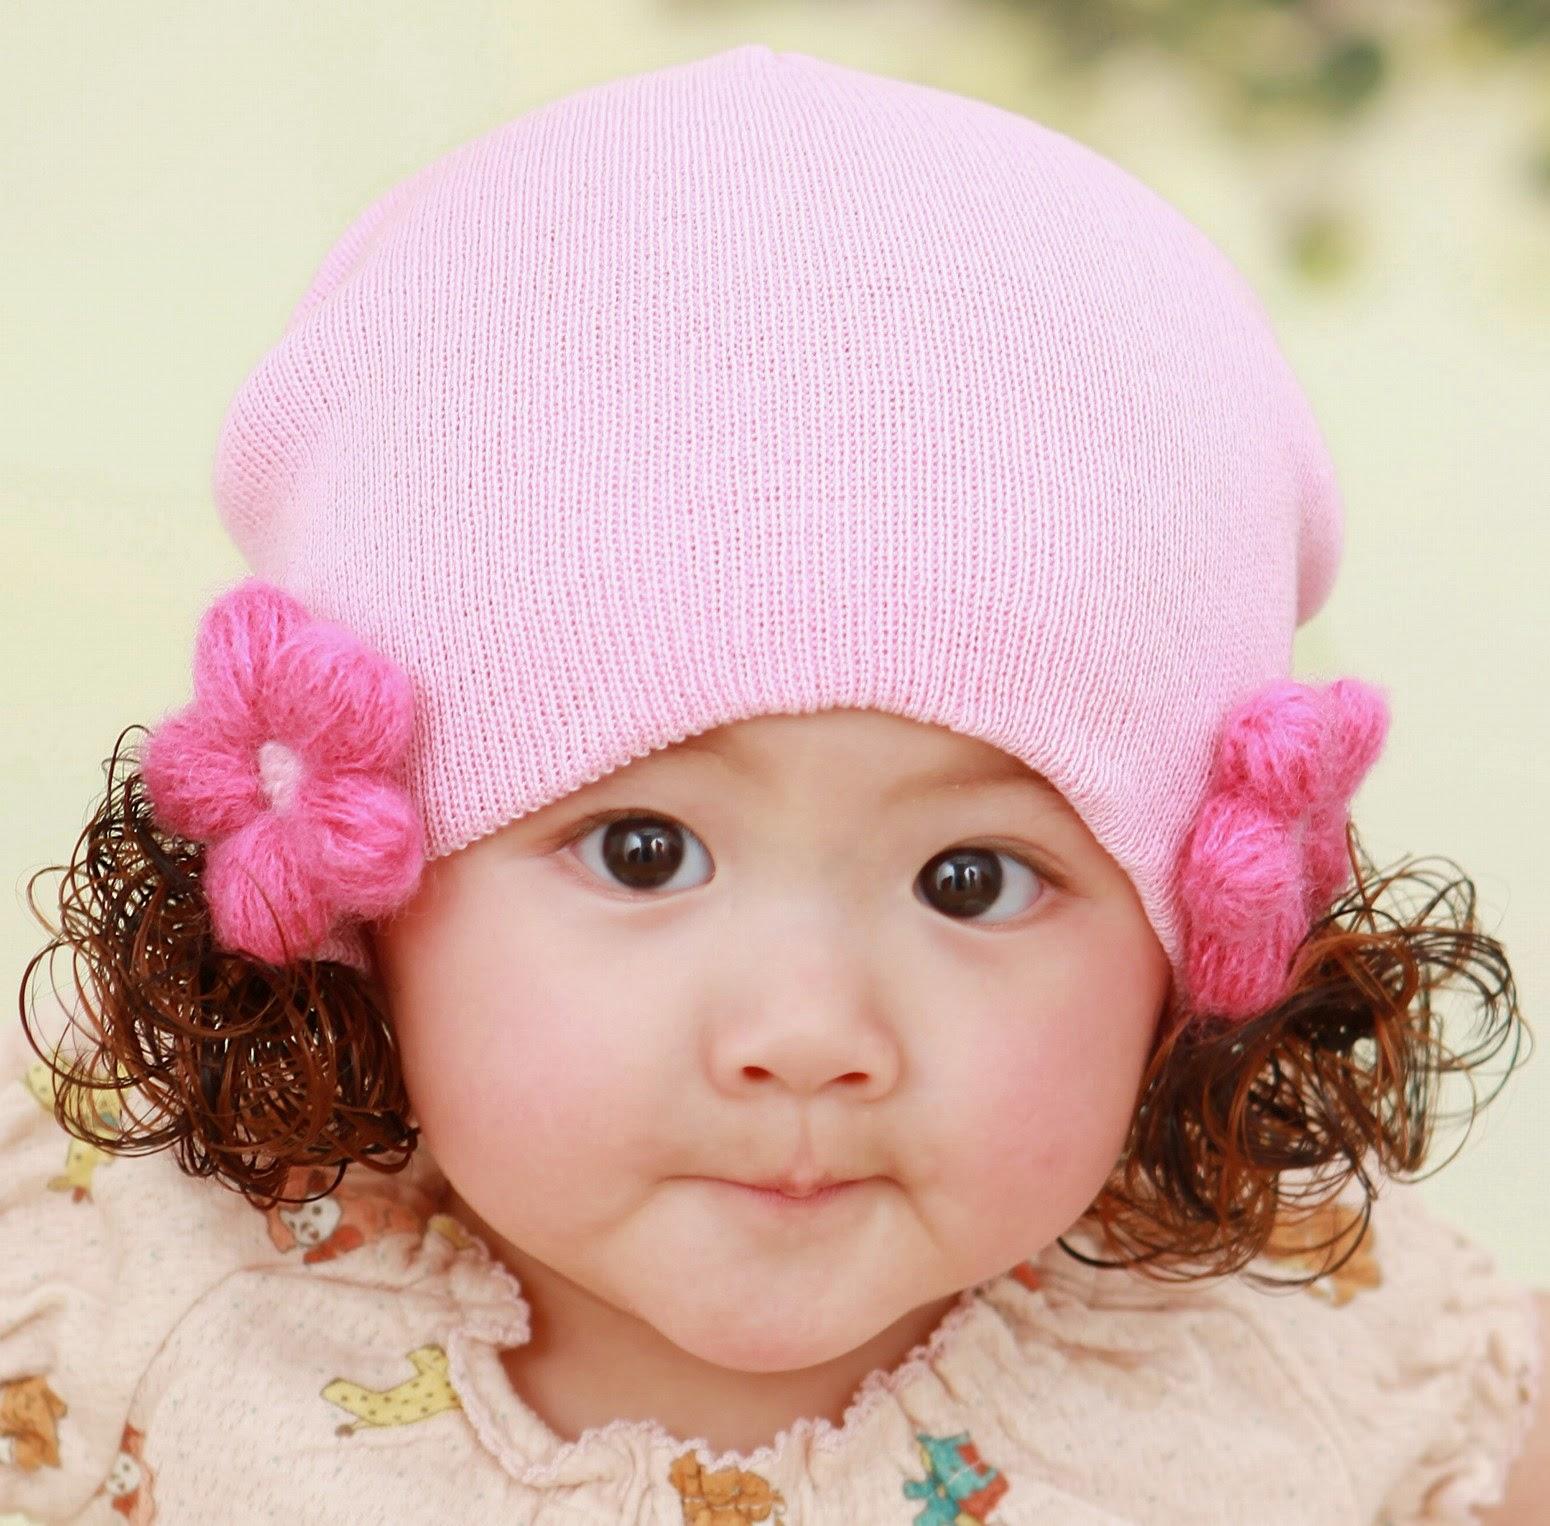 Gratis gambar bayi korea